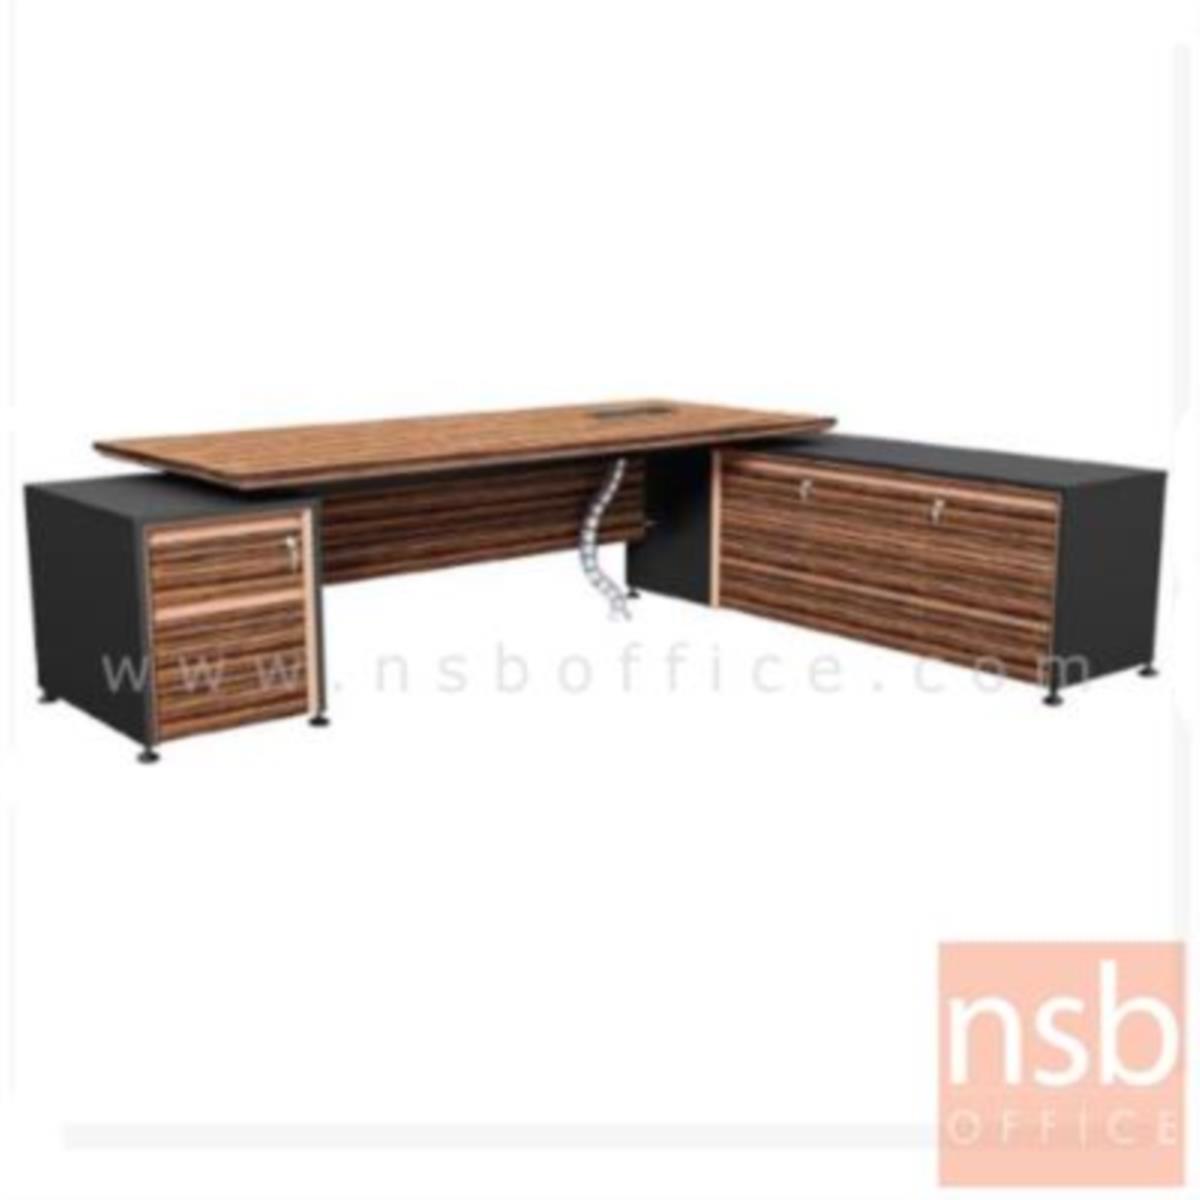 โต๊ะผู้บริหารตัวแอล  รุ่น Extrême ขนาด 289.5W cm. พร้อมบังตา สีลายไม้ซีบราโน่ตัดดำ ขอบ ROSEGOLD